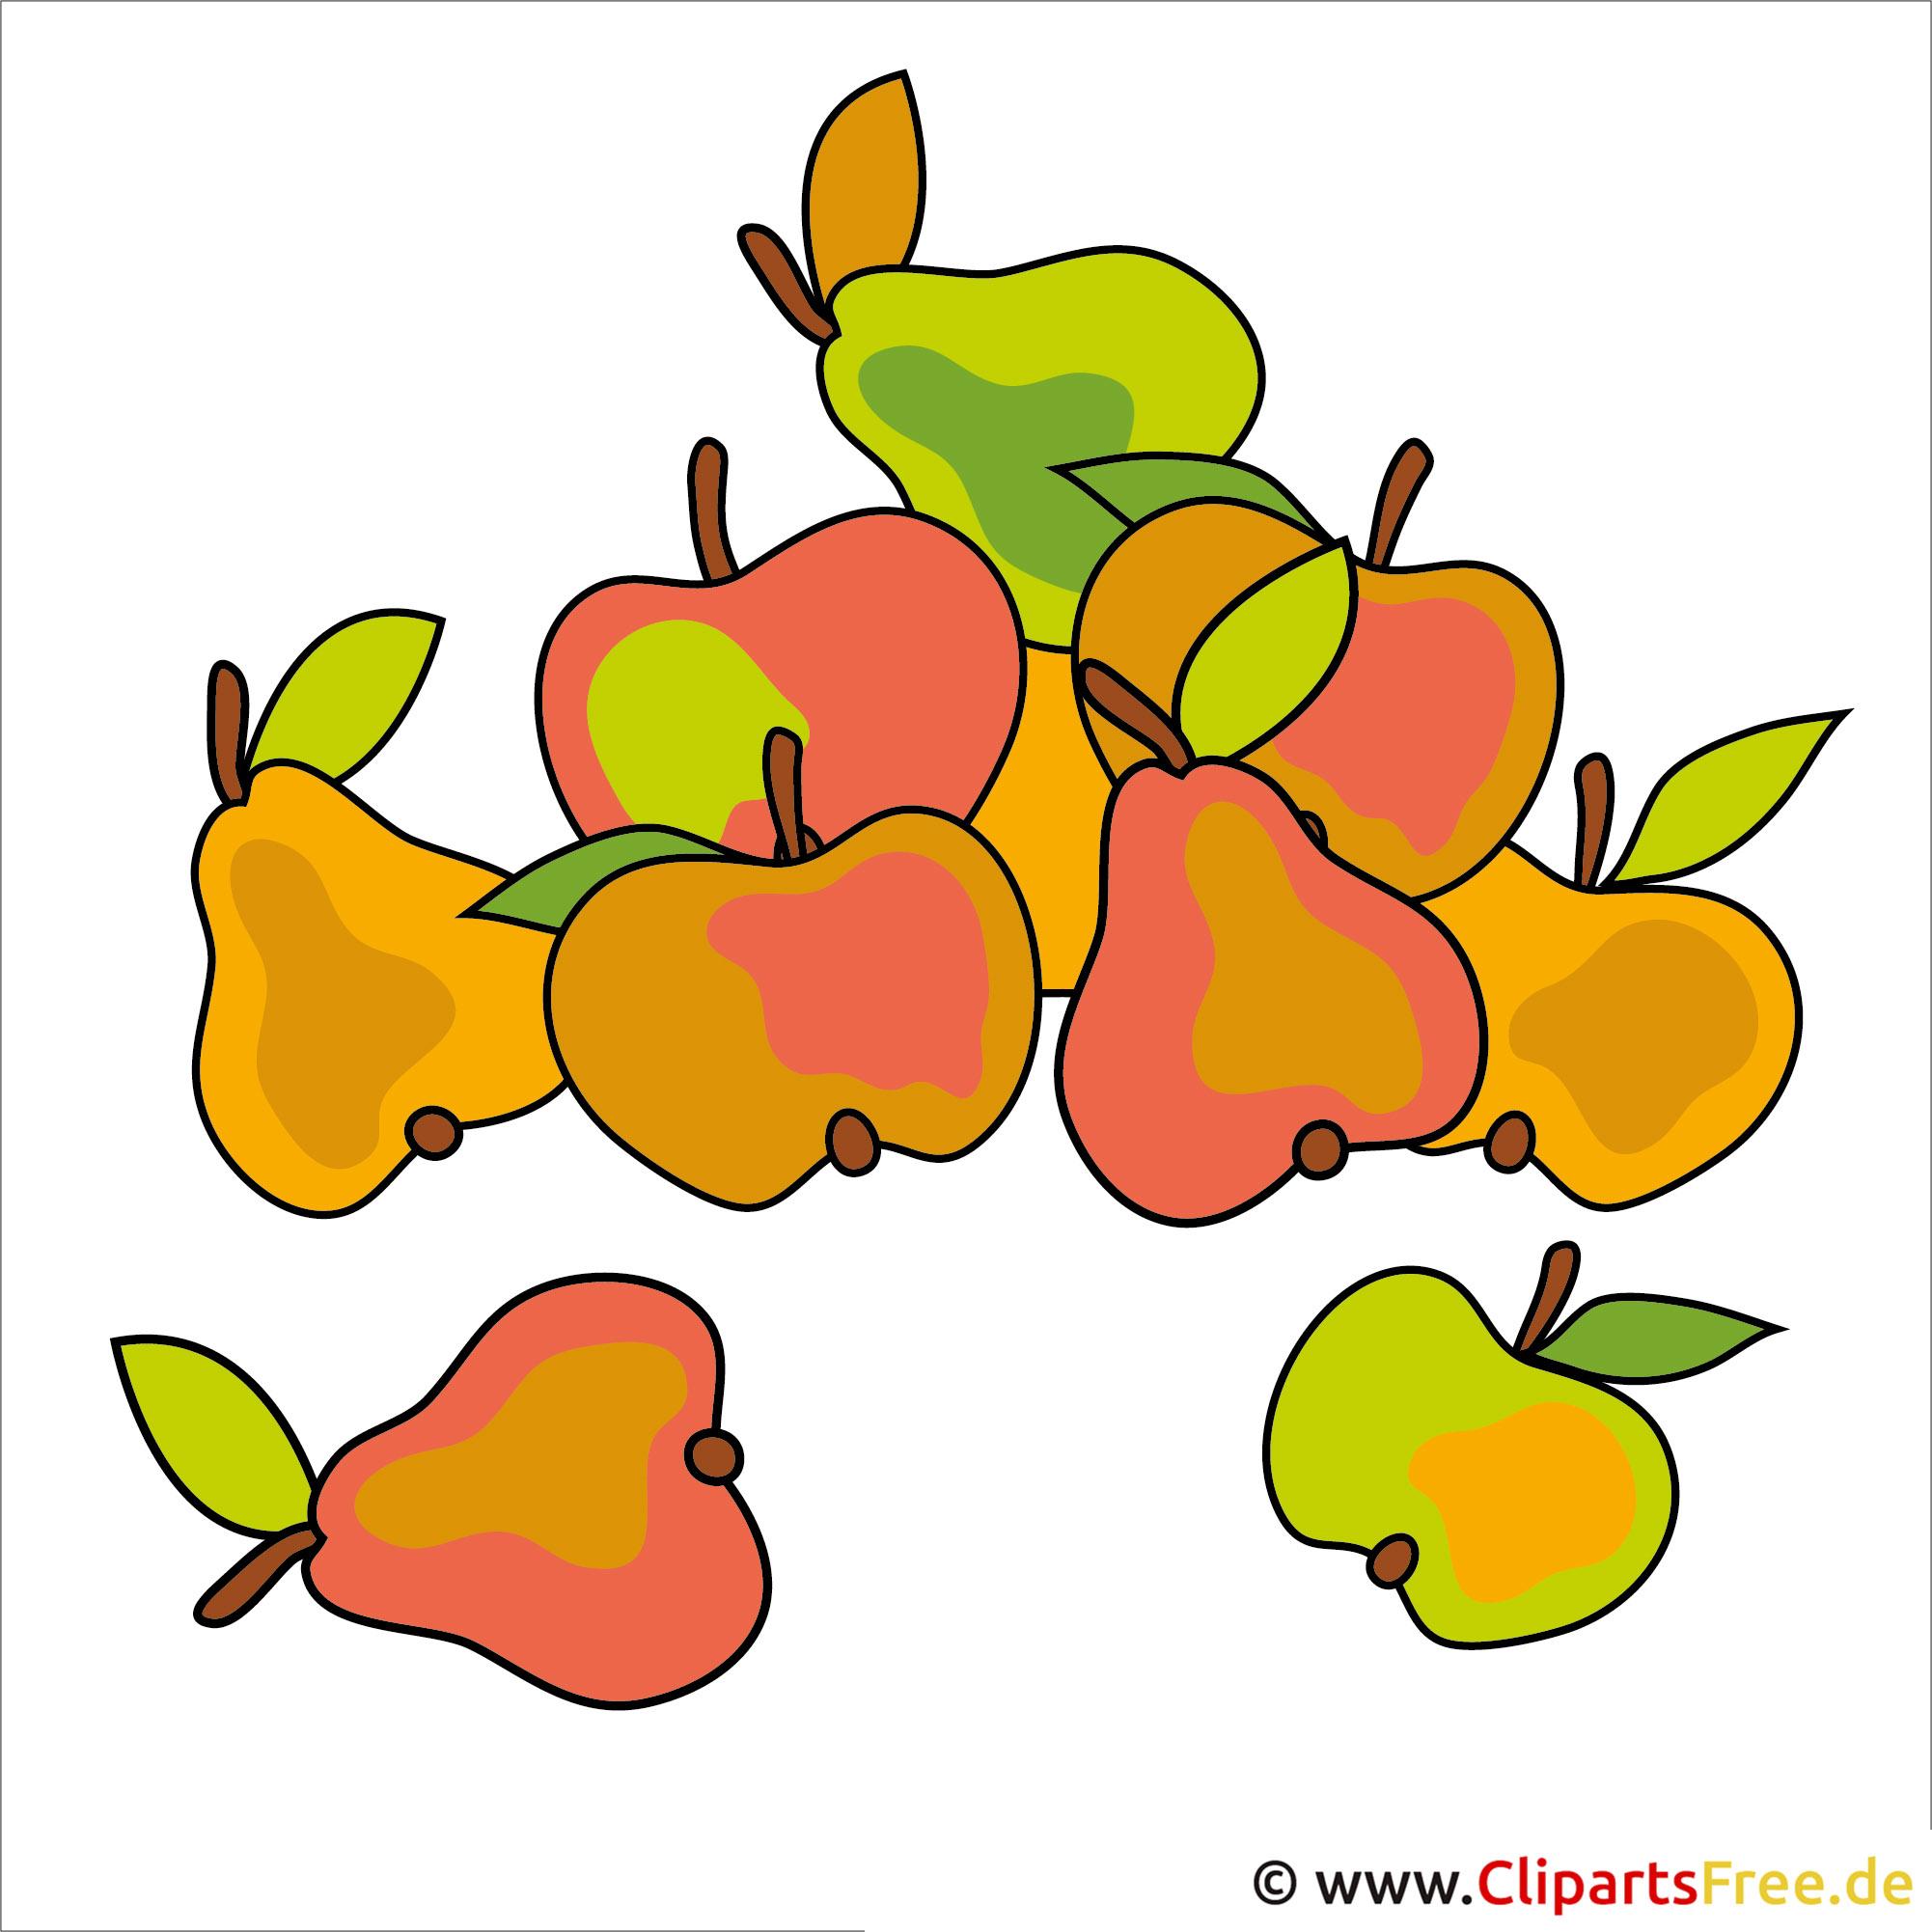 Obst, Ernte, Garten Clipart - Kostenlose lizenzfreie Bilder zu Herbst